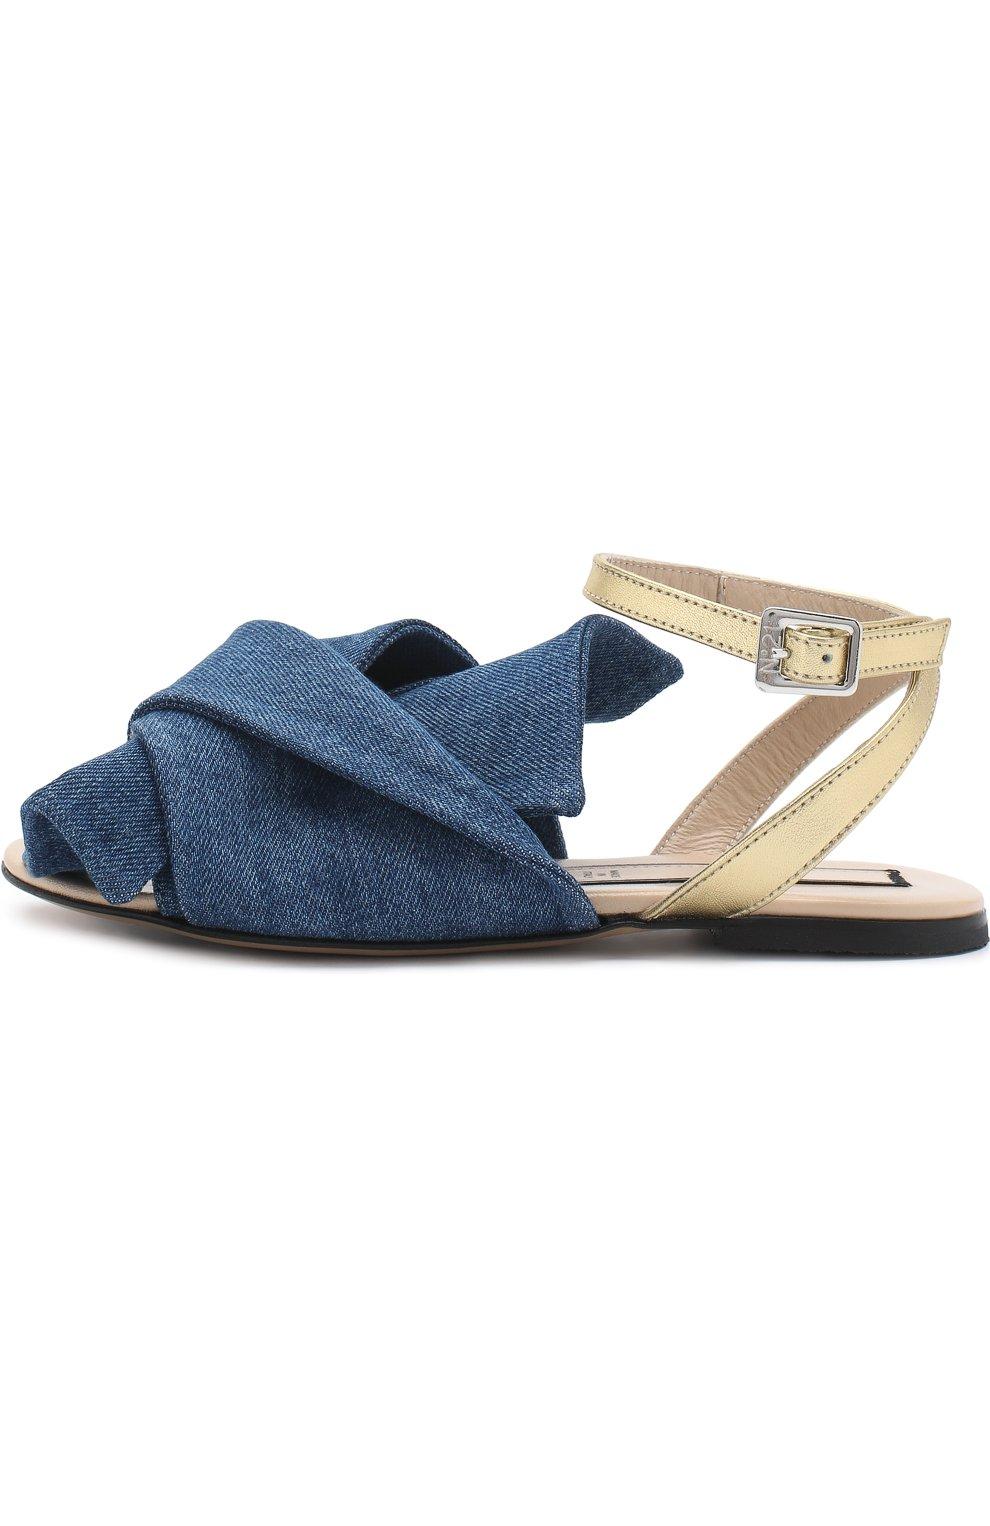 Детские текстильные сандалии с кожаным ремешком и бантом NO. 21 синего цвета, арт. 54606/36-41 | Фото 2